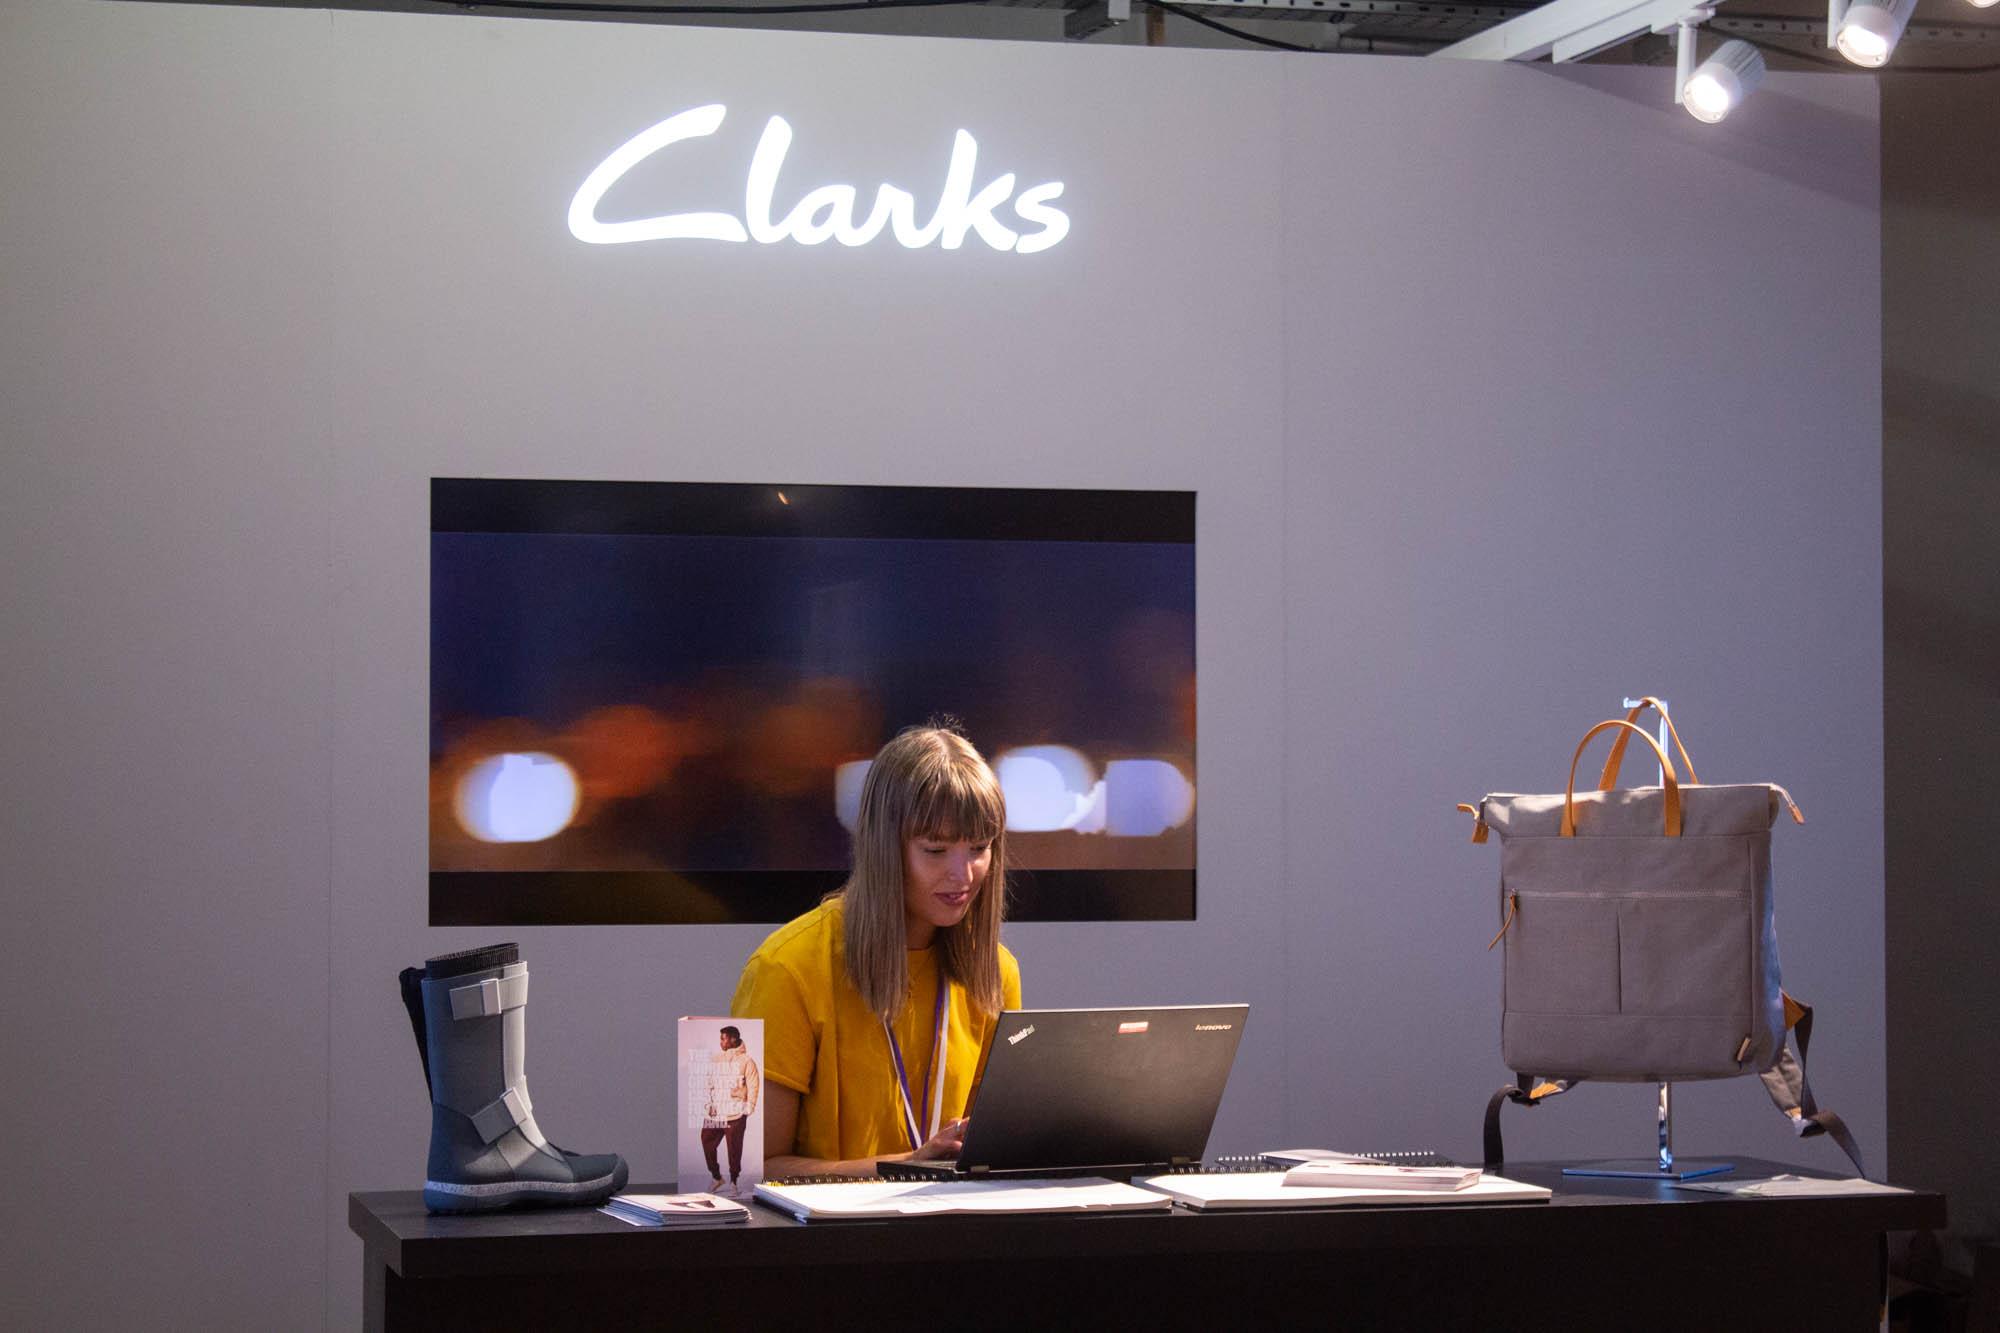 Clarks 030618 Imageby Lowri cooper 2.jpg